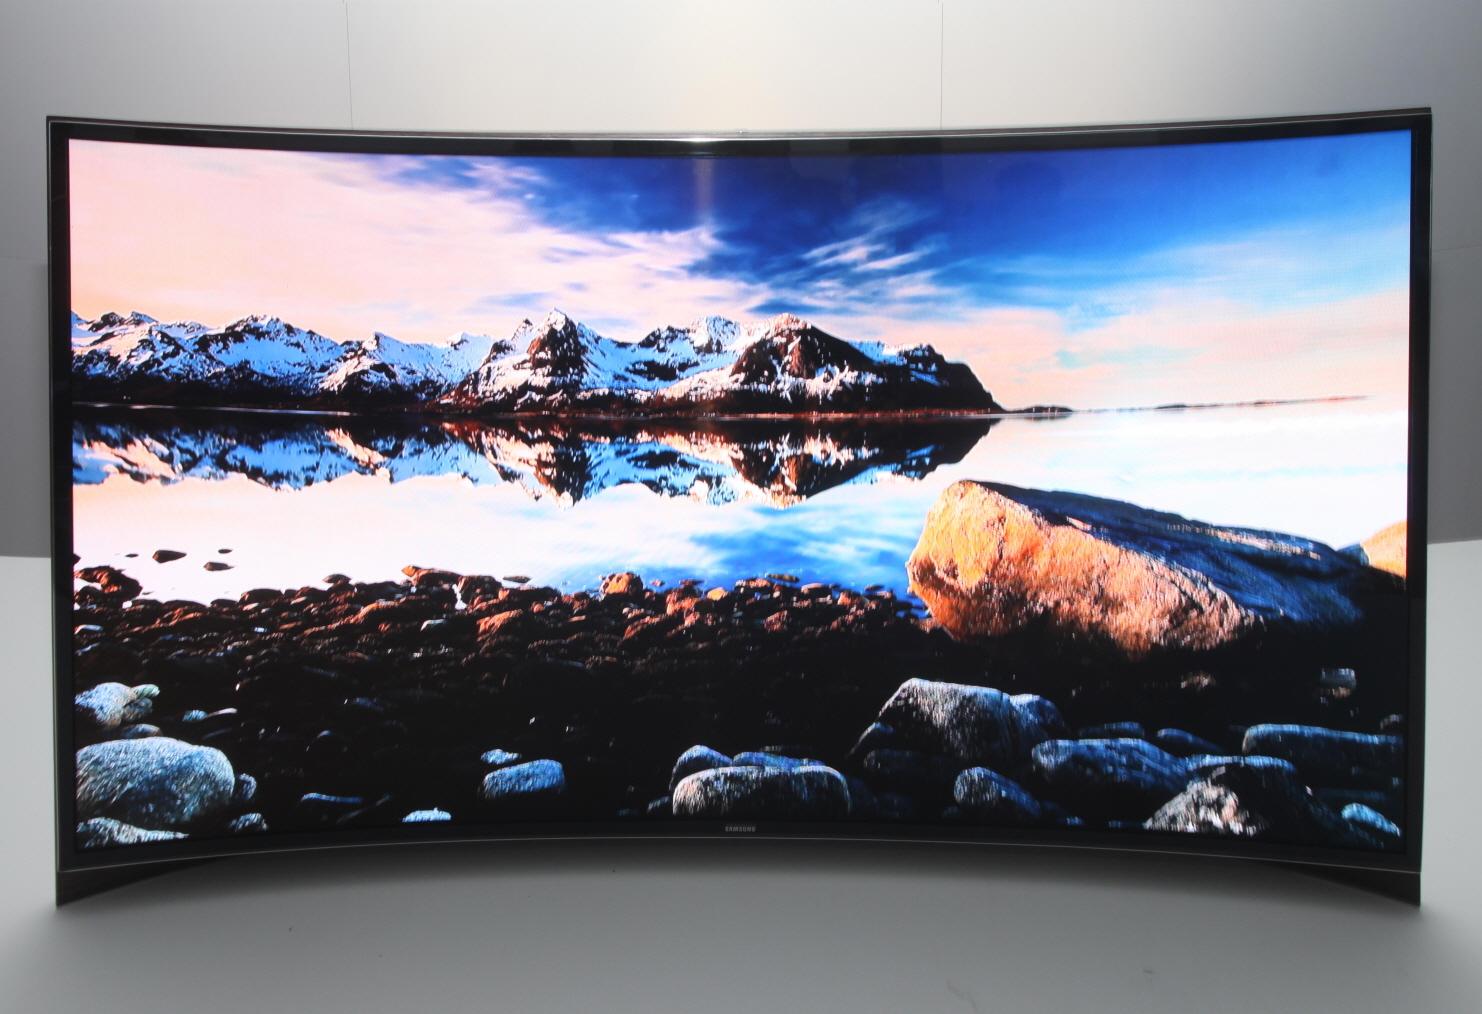 Изогнутый экран в телевизоре прихоть или полезная функция Разбираемся в вопросе - телевизор с изогнутым экраном